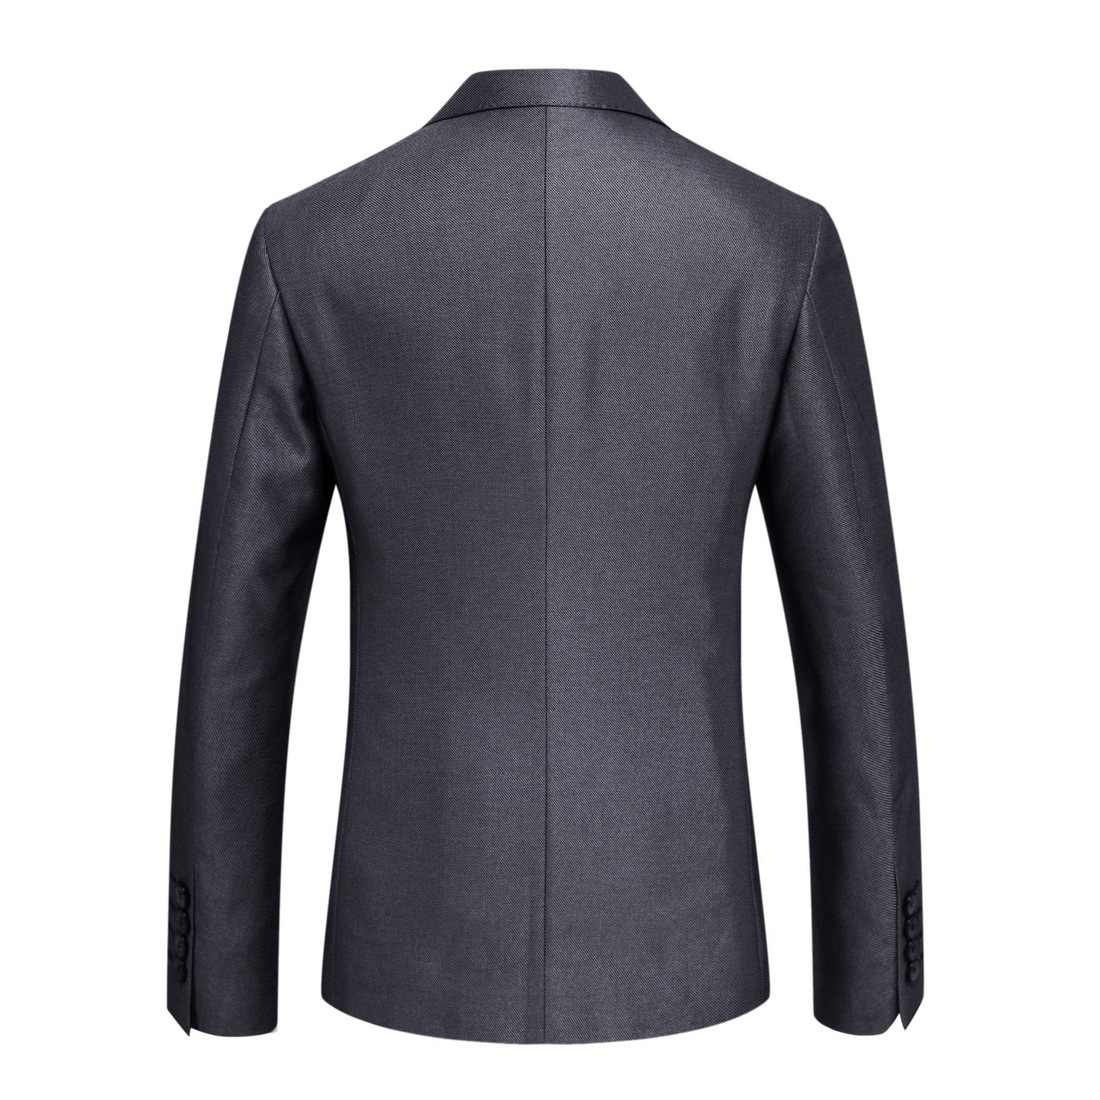 スーツ男性の高品質グレービジネスカジュアルスーツ 2 個セット新郎付添人のウェディングスーツズボンスーツ XF012